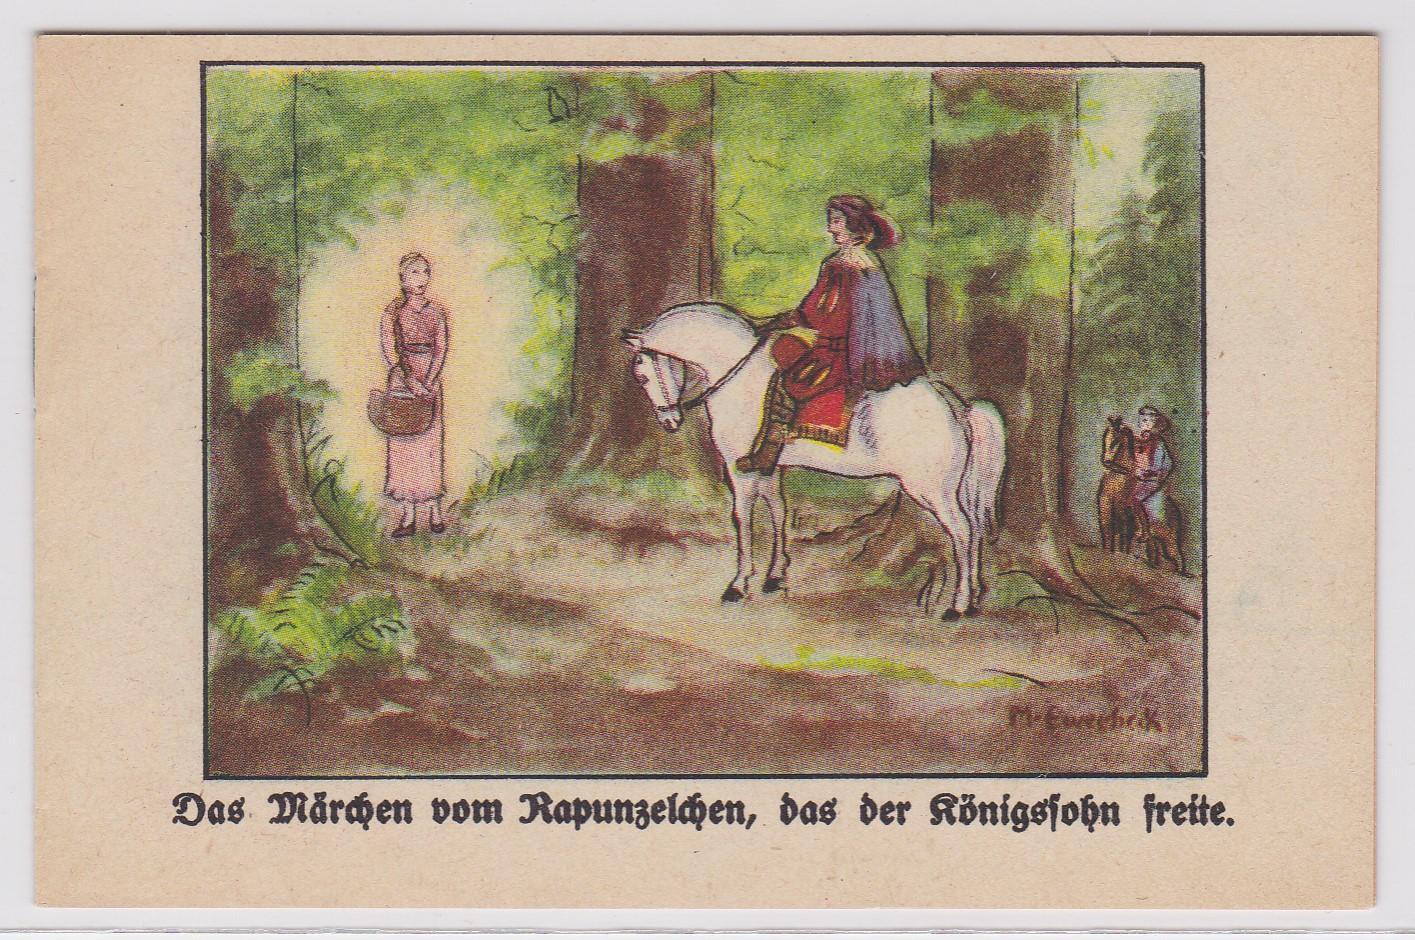 Hoffmann's Stärke mit der Katze - Das Märchen vom Rapunzelchen, das der Königssohn freite. (von Johanna Weiskirch). Ein Märchen gewidmet von Hoffmann's Stärkefabriken AG, Bad Salzuflen. Nr. 145